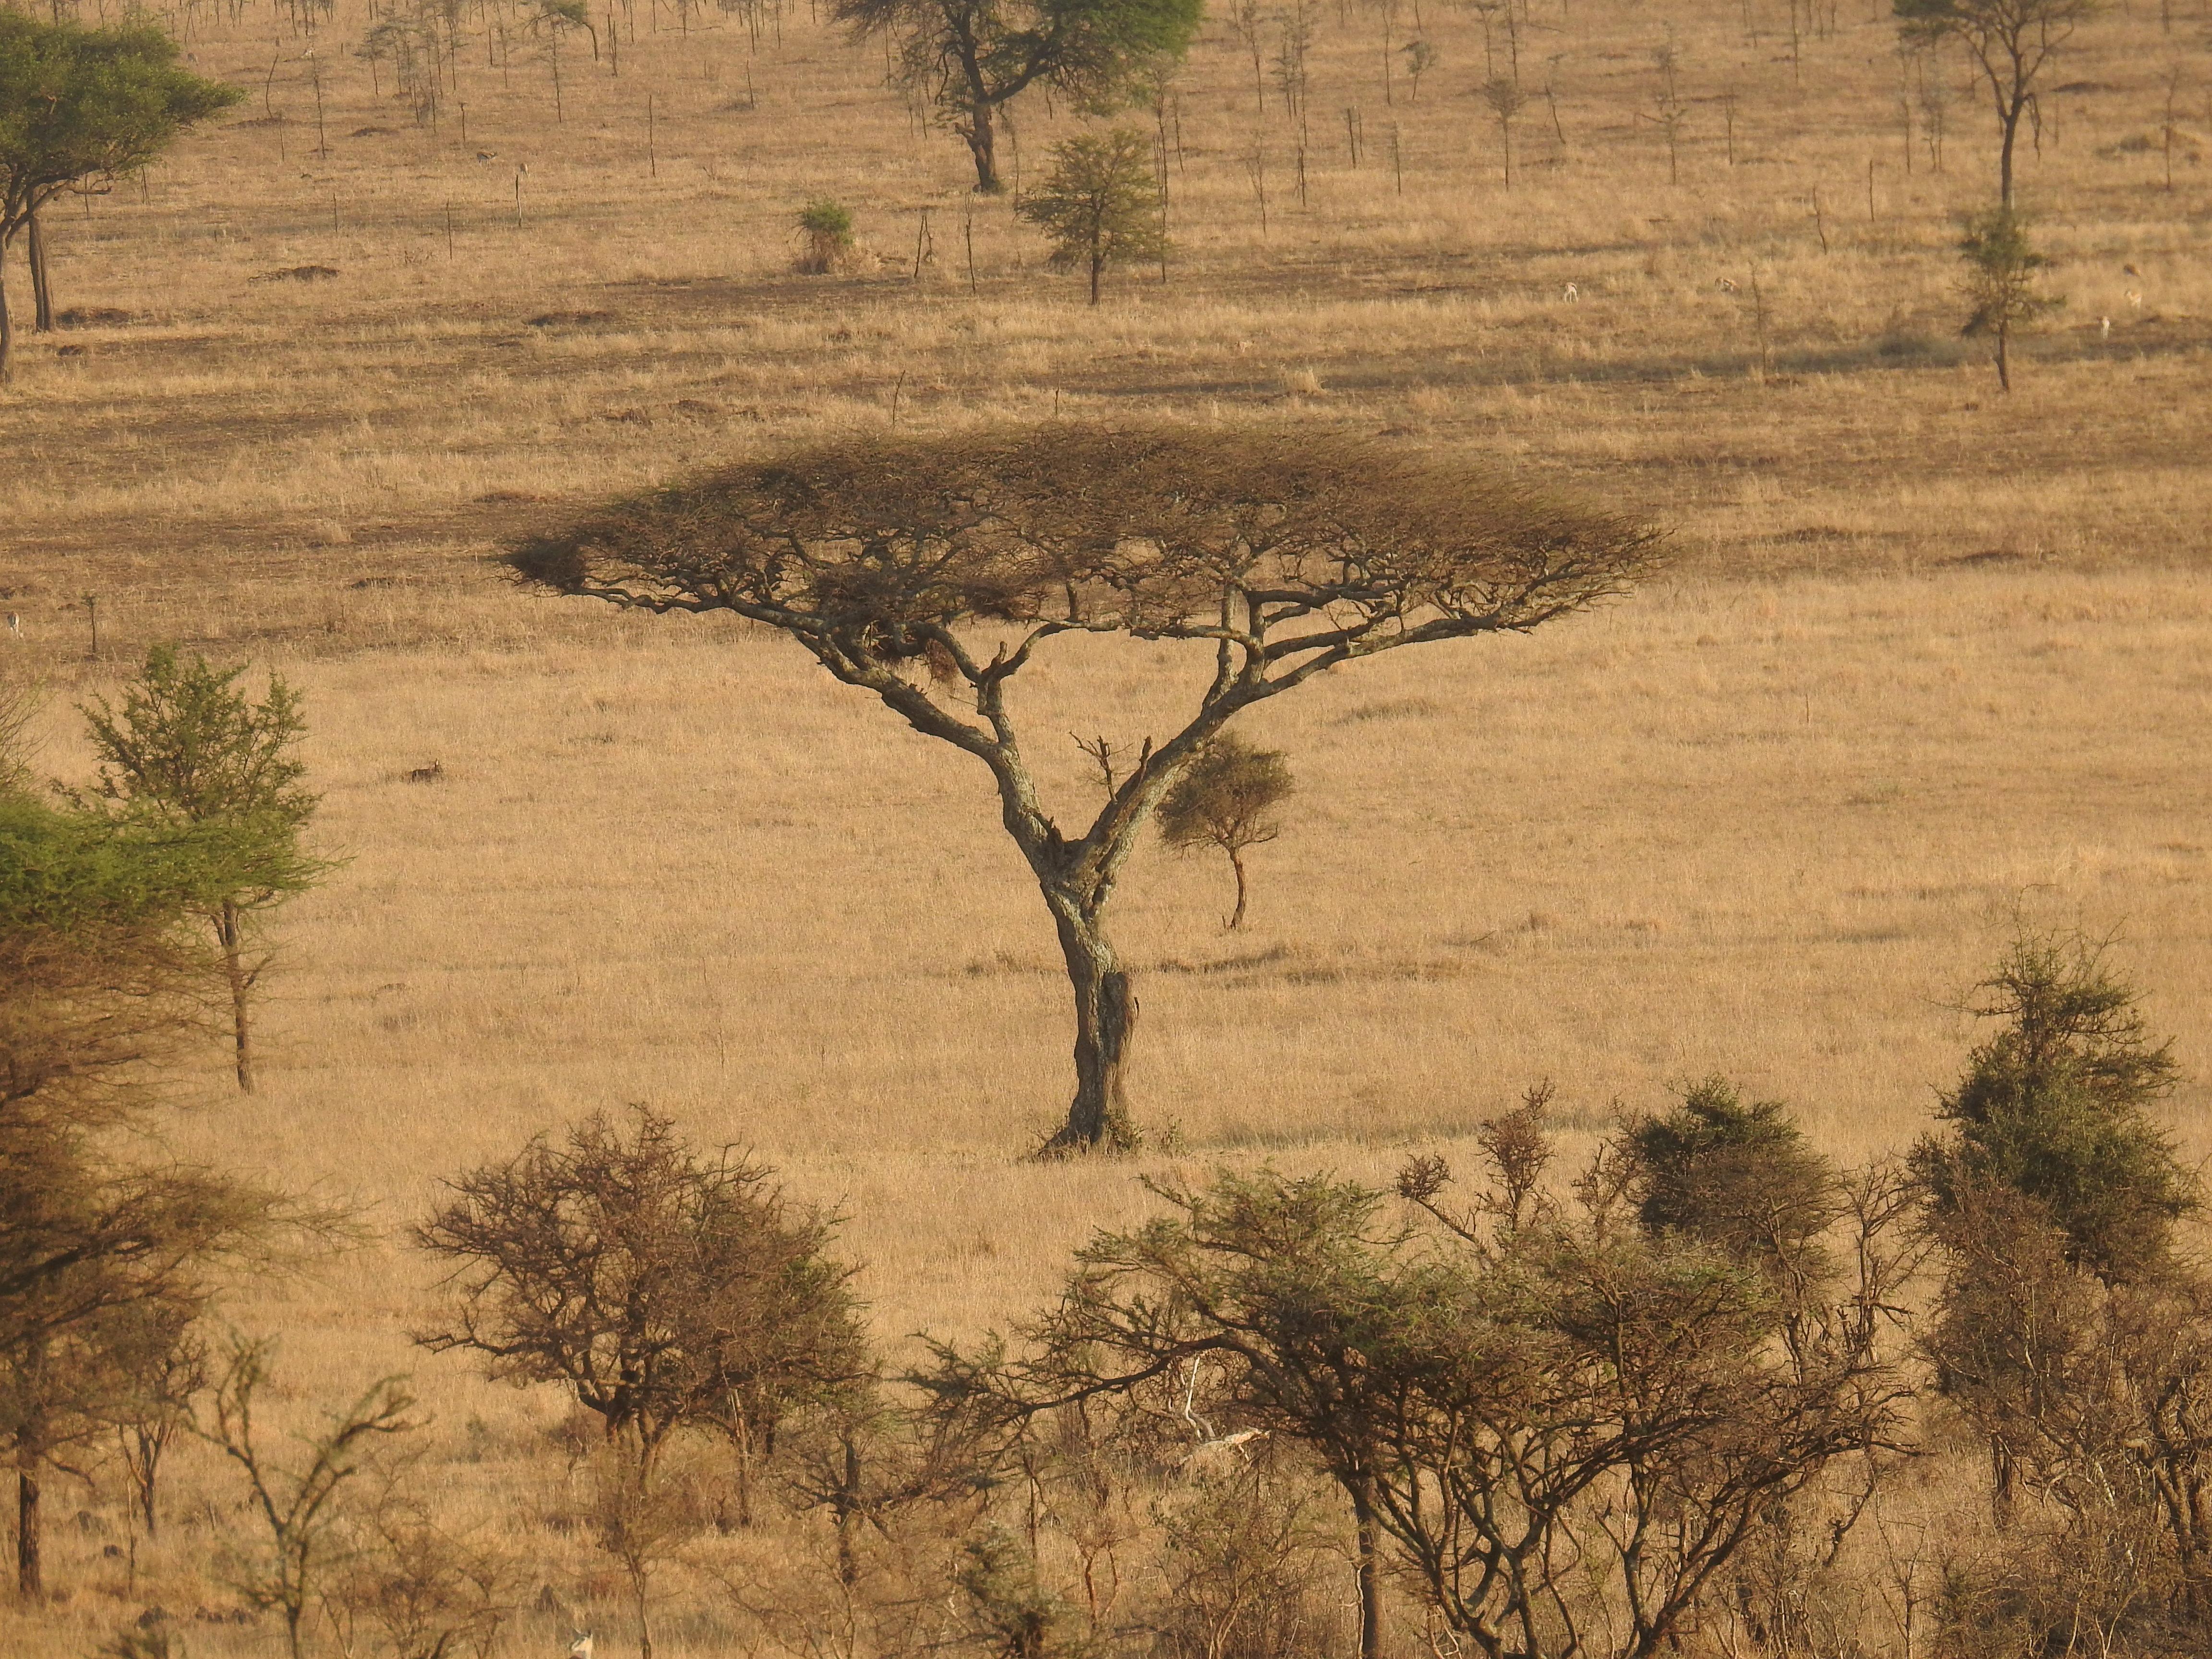 Tree_from_air.jpg